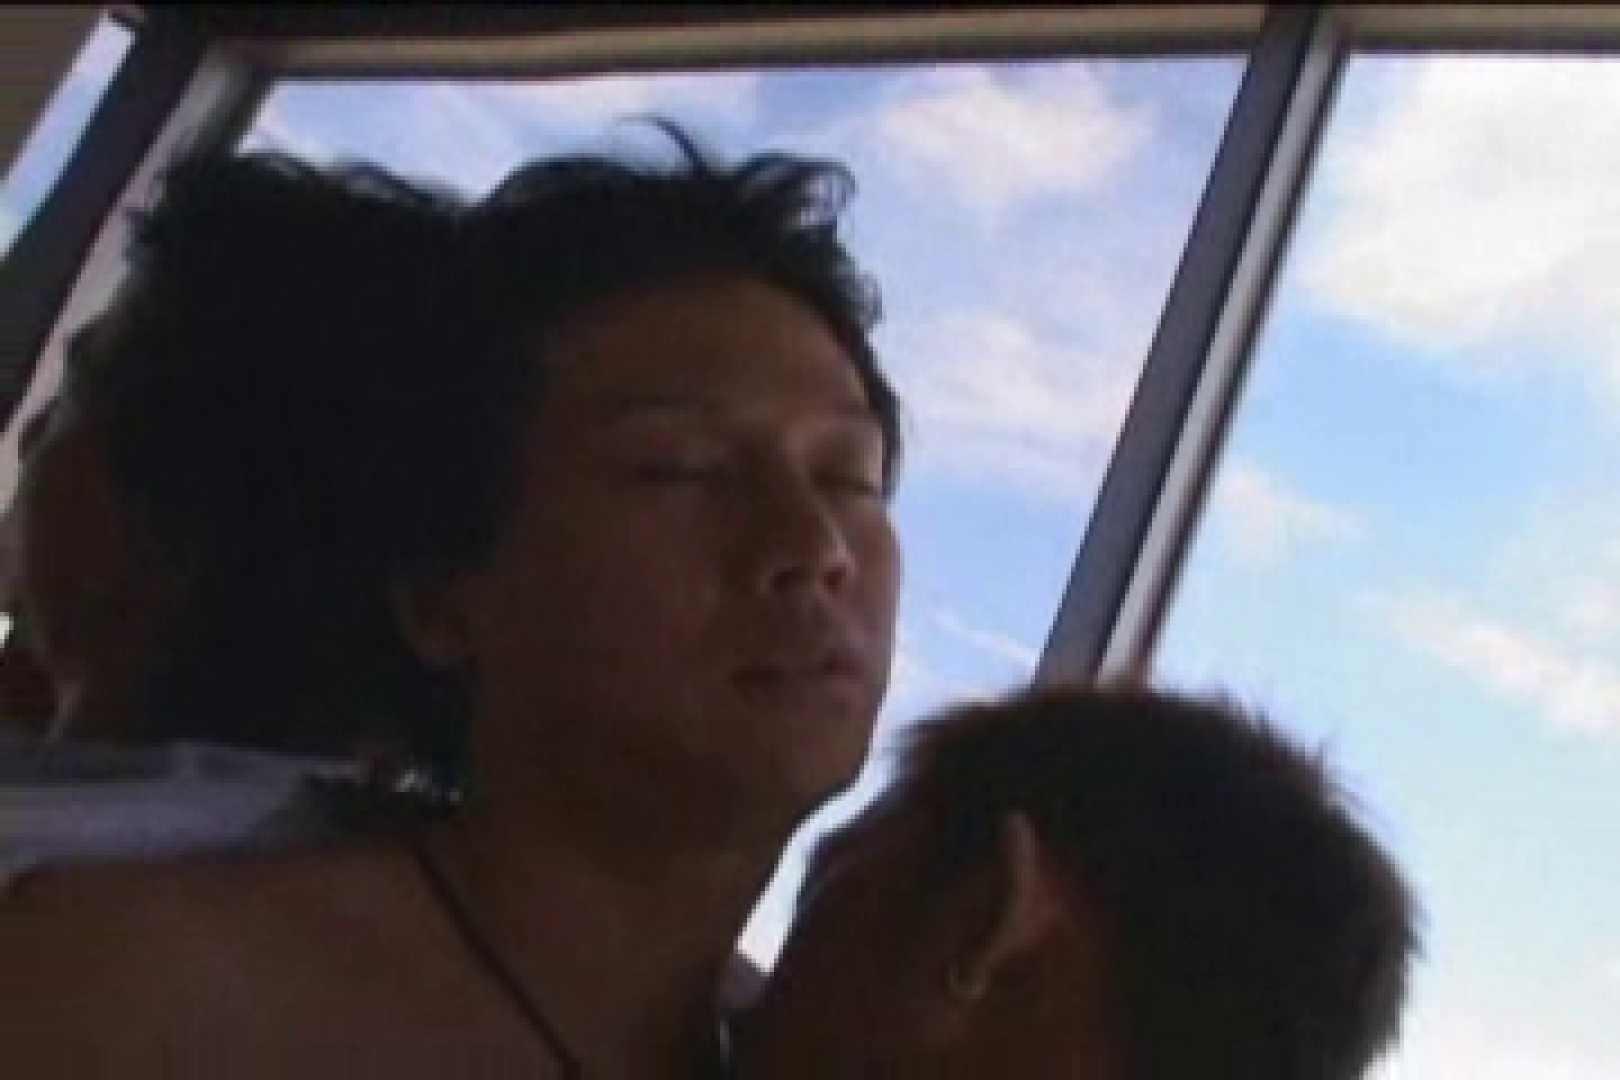 光り輝く男たちのロマンシングメモリー!!vol.02 アナル ゲイザーメン画像 93枚 82